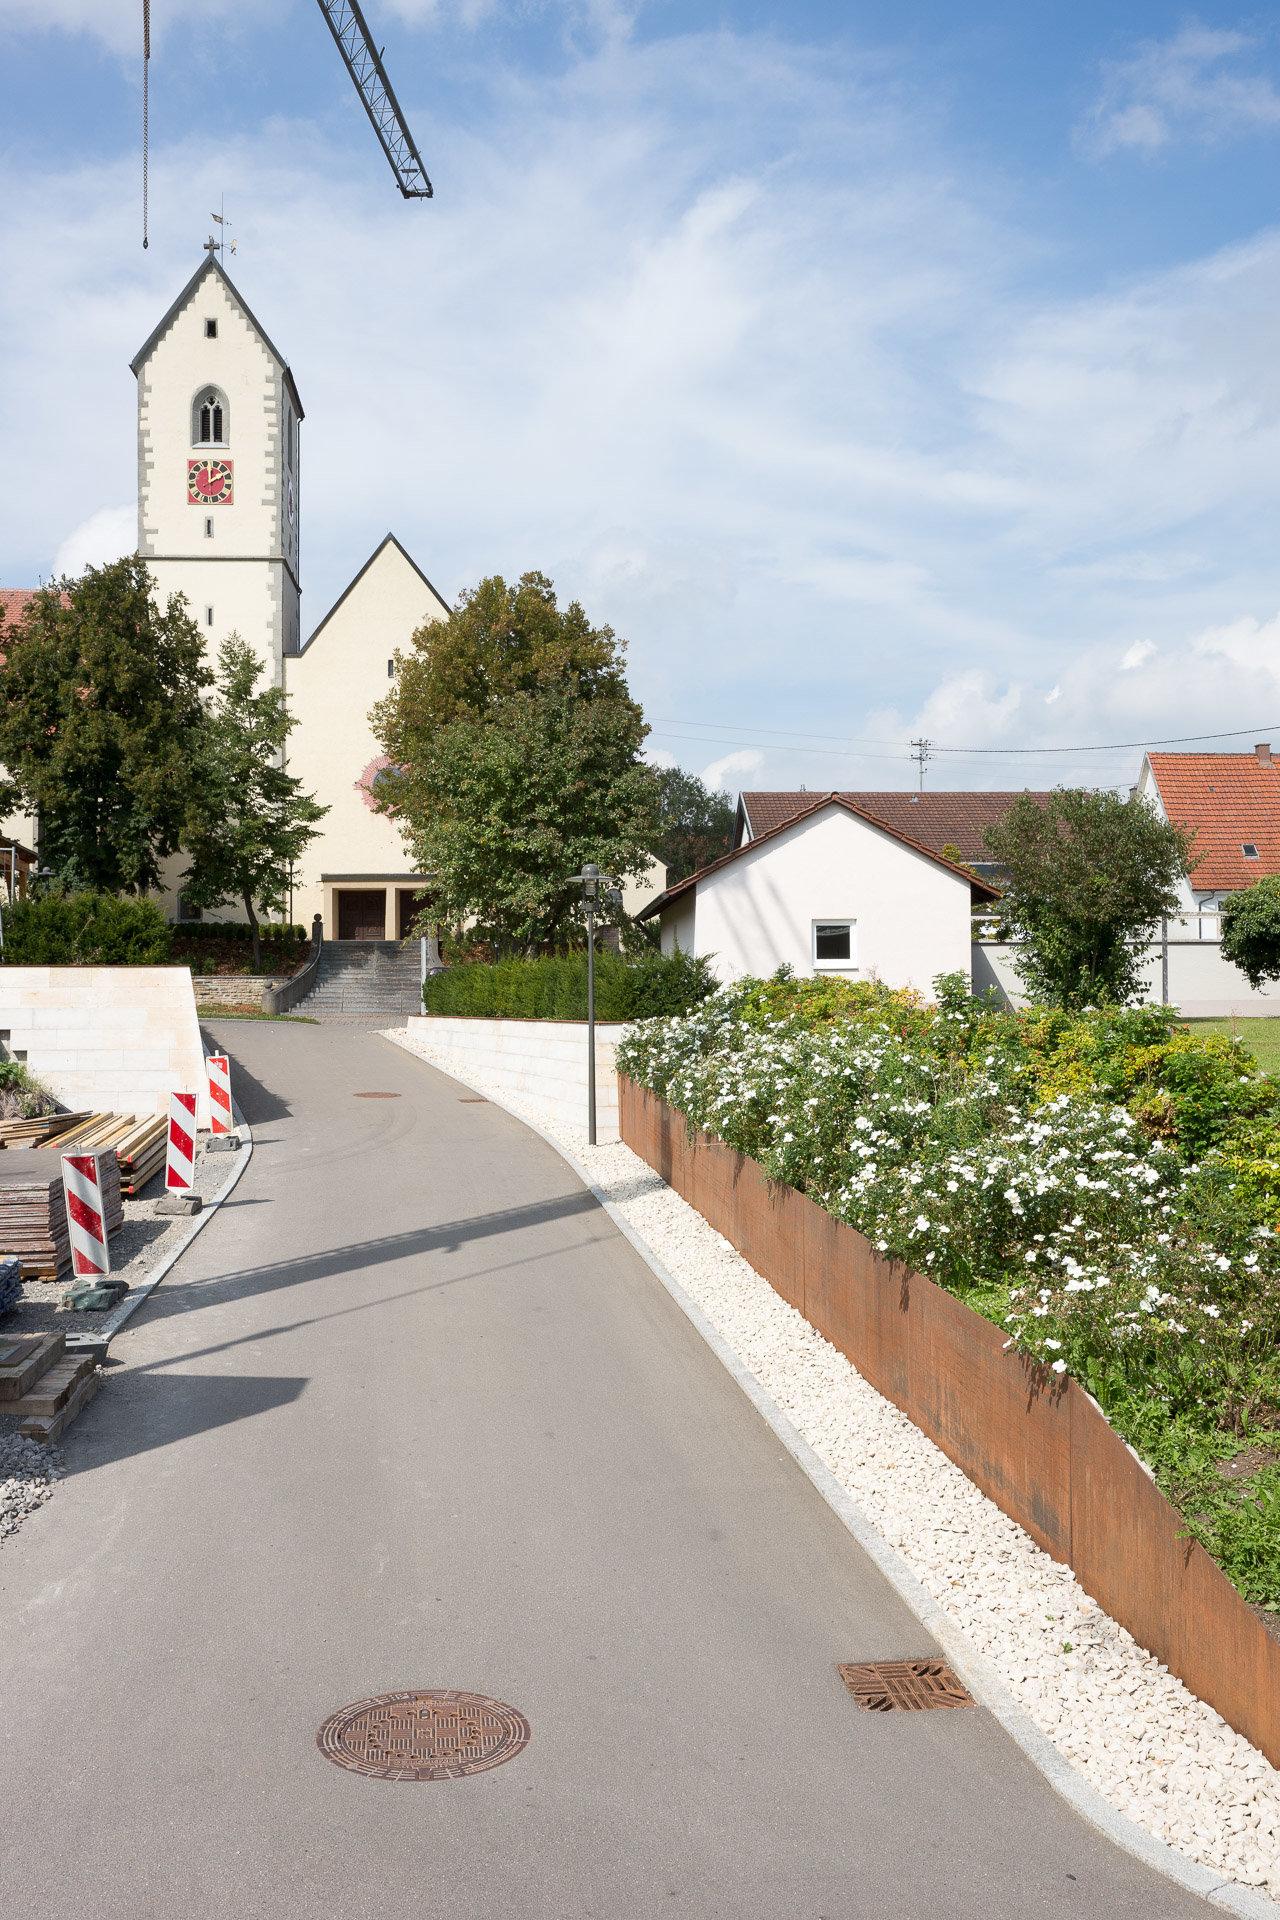 Wellendingen-09.09.14-40.jpg